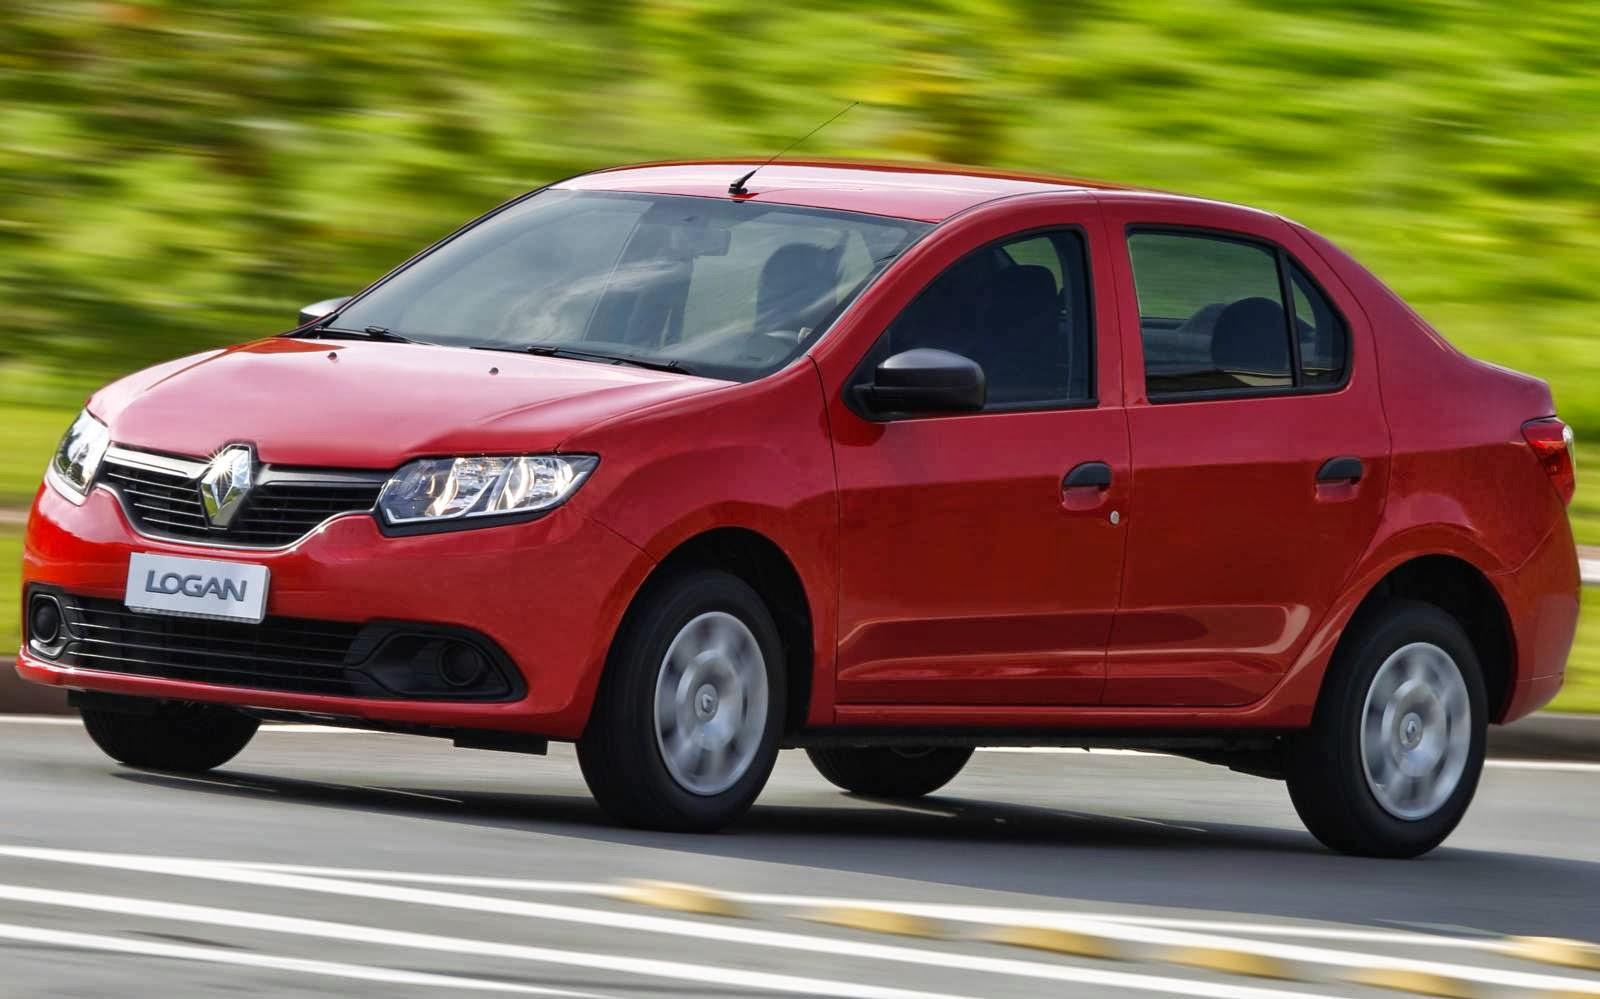 Renault Logan 1.0 mais bonito para não perder mercado